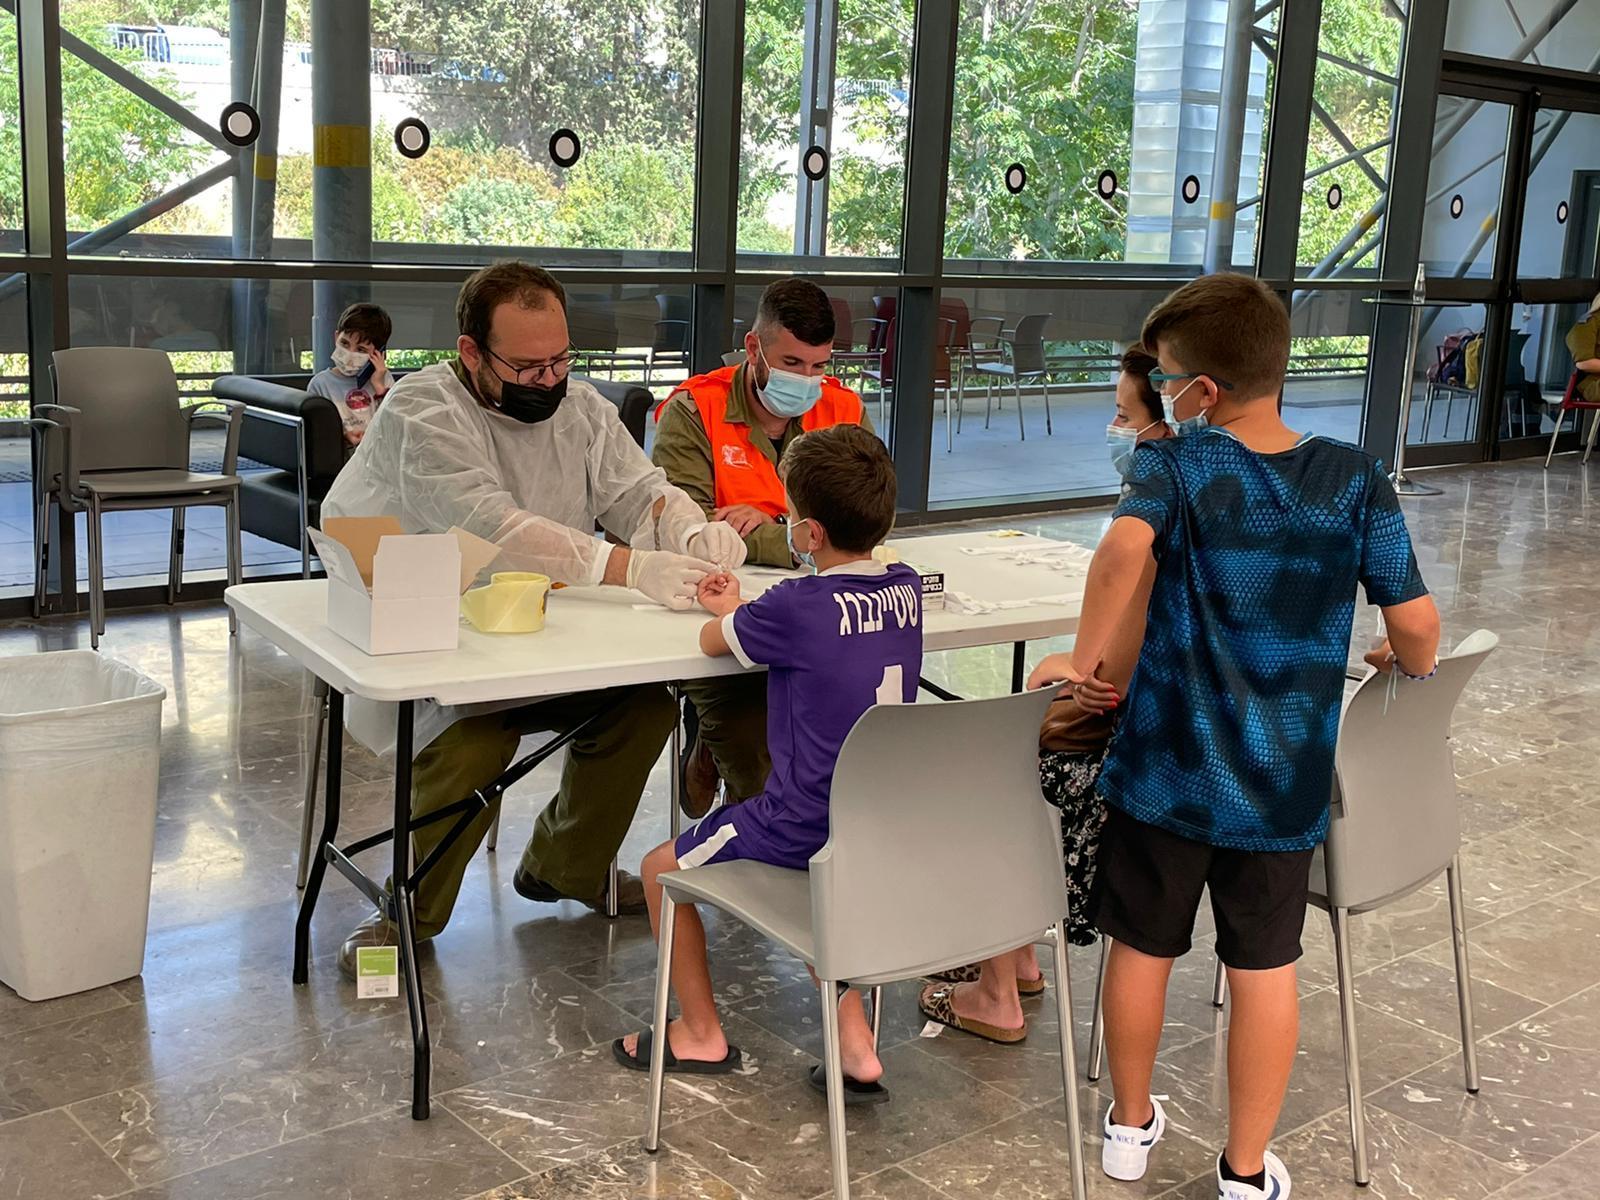 בדיקות סרולוגיות (צילום: ראובן כהן, דוברות עיריית חיפה)